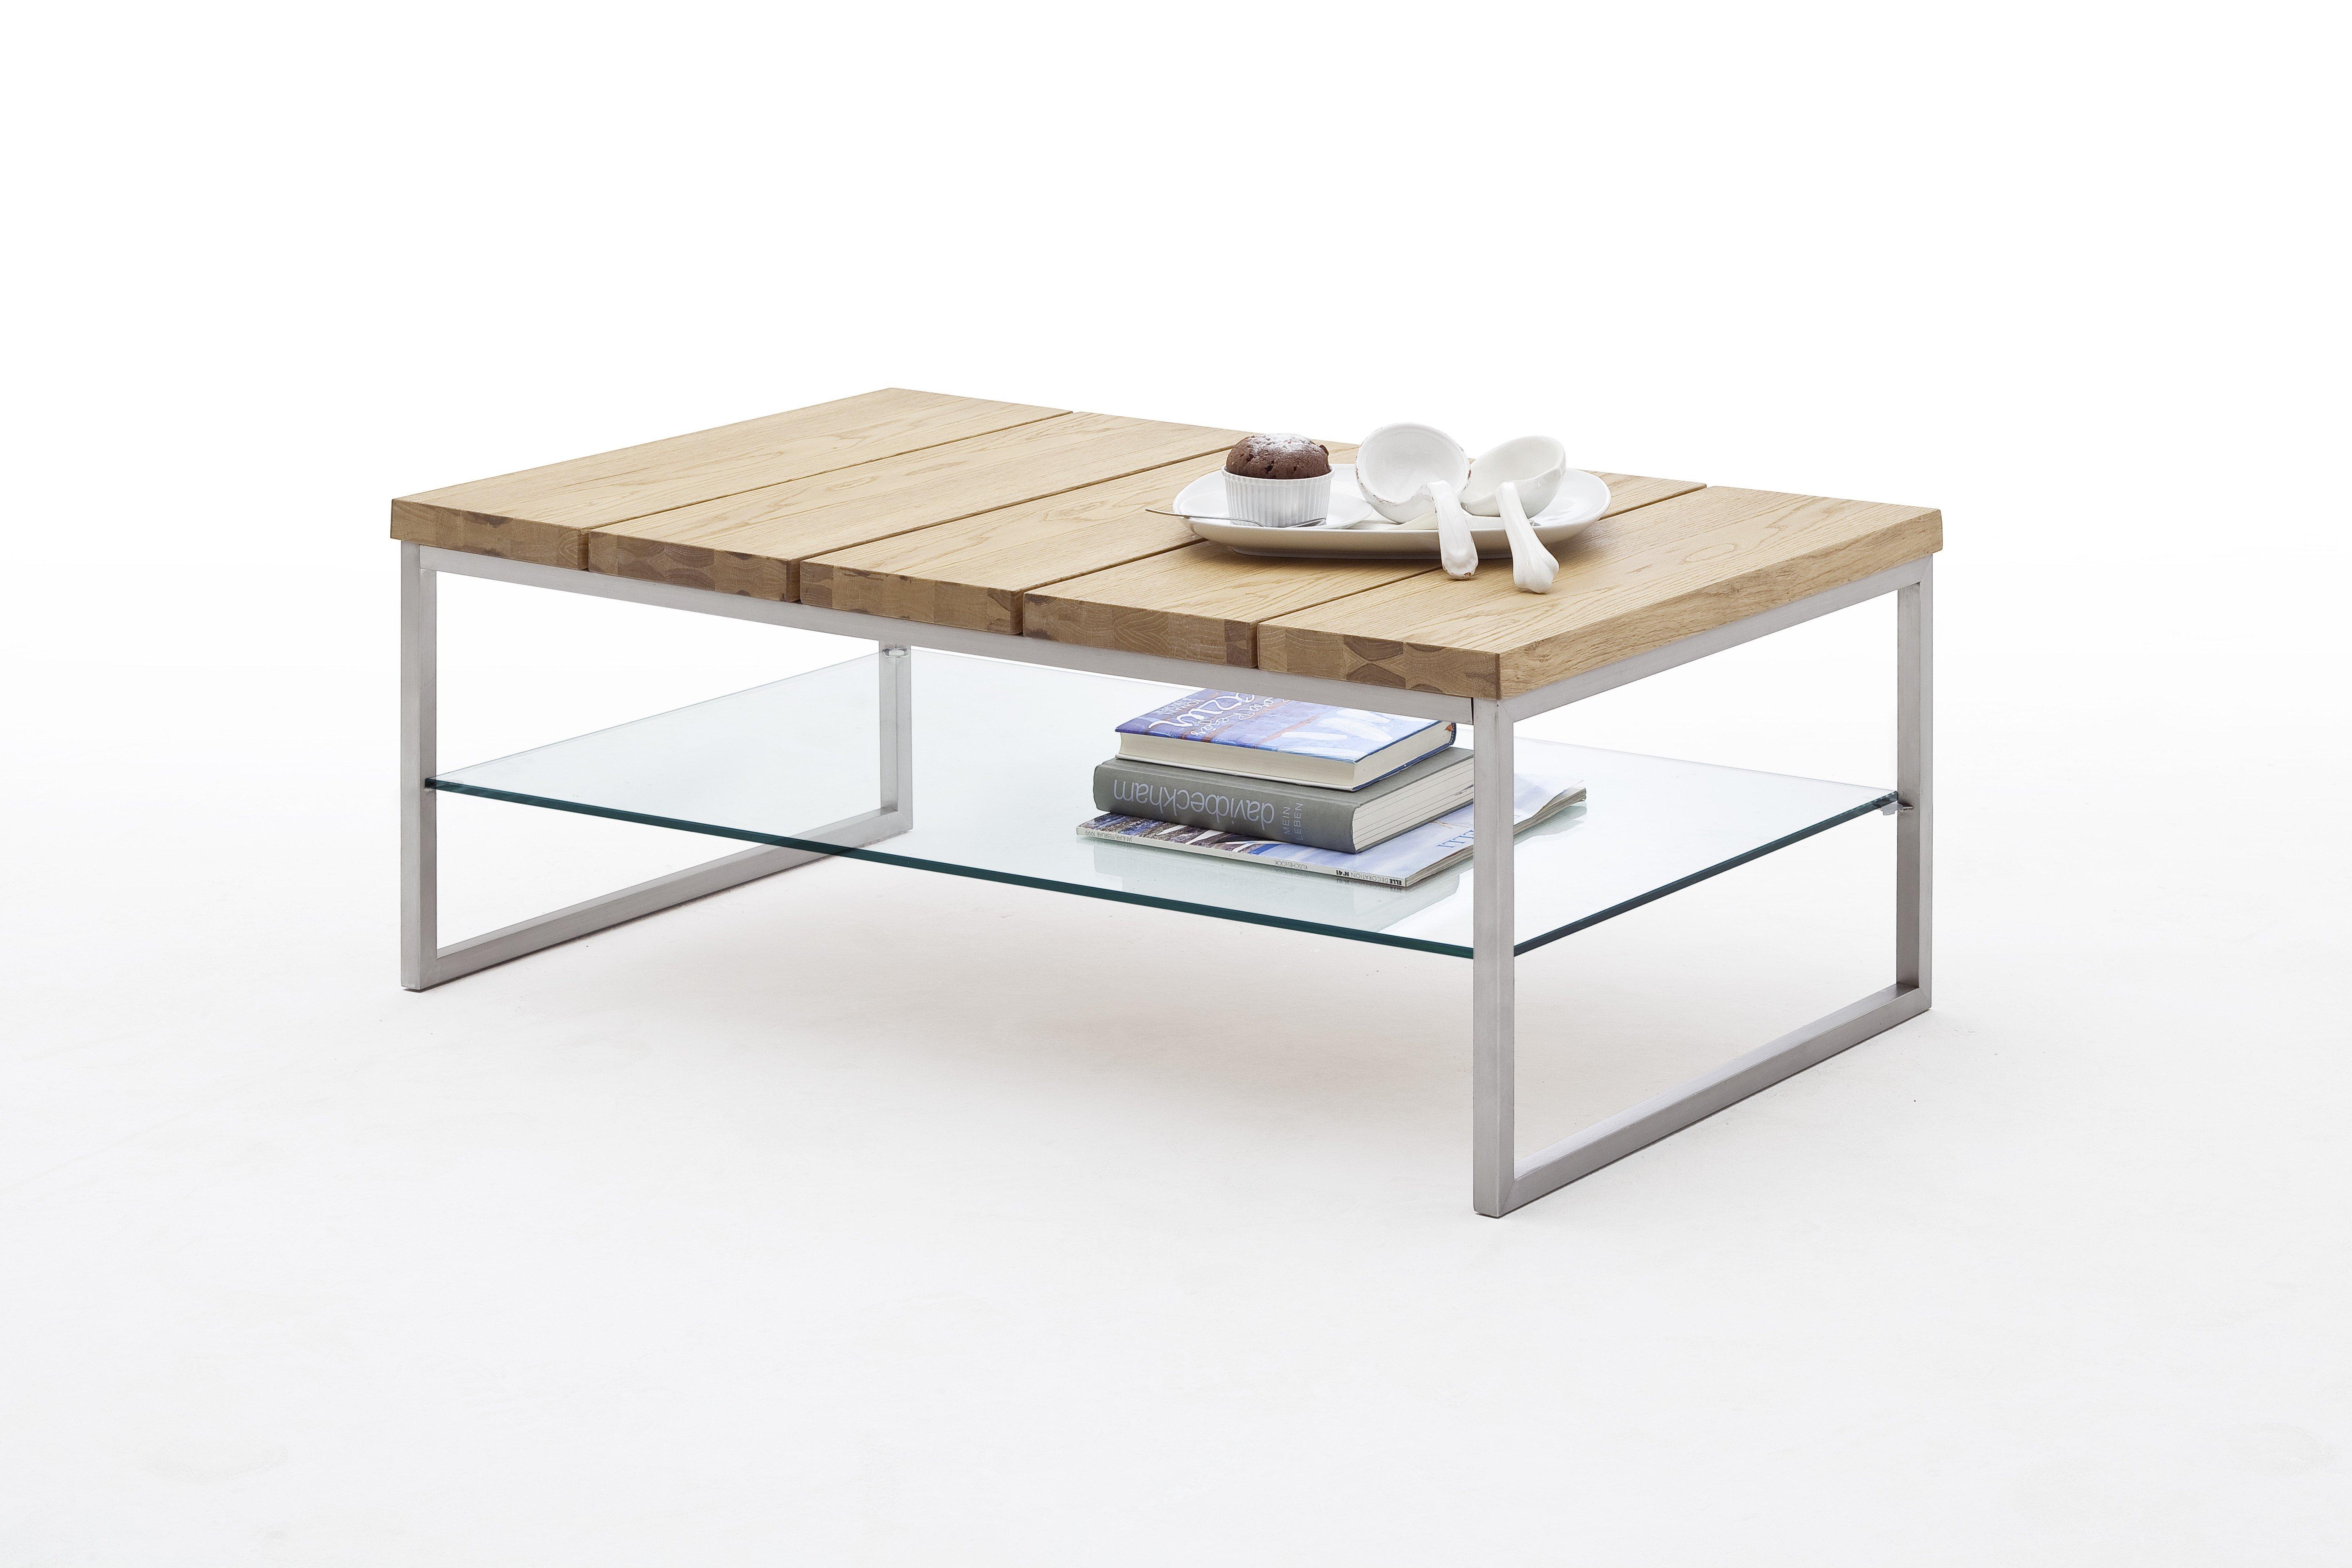 Couchtisch Norge von MCA furniture